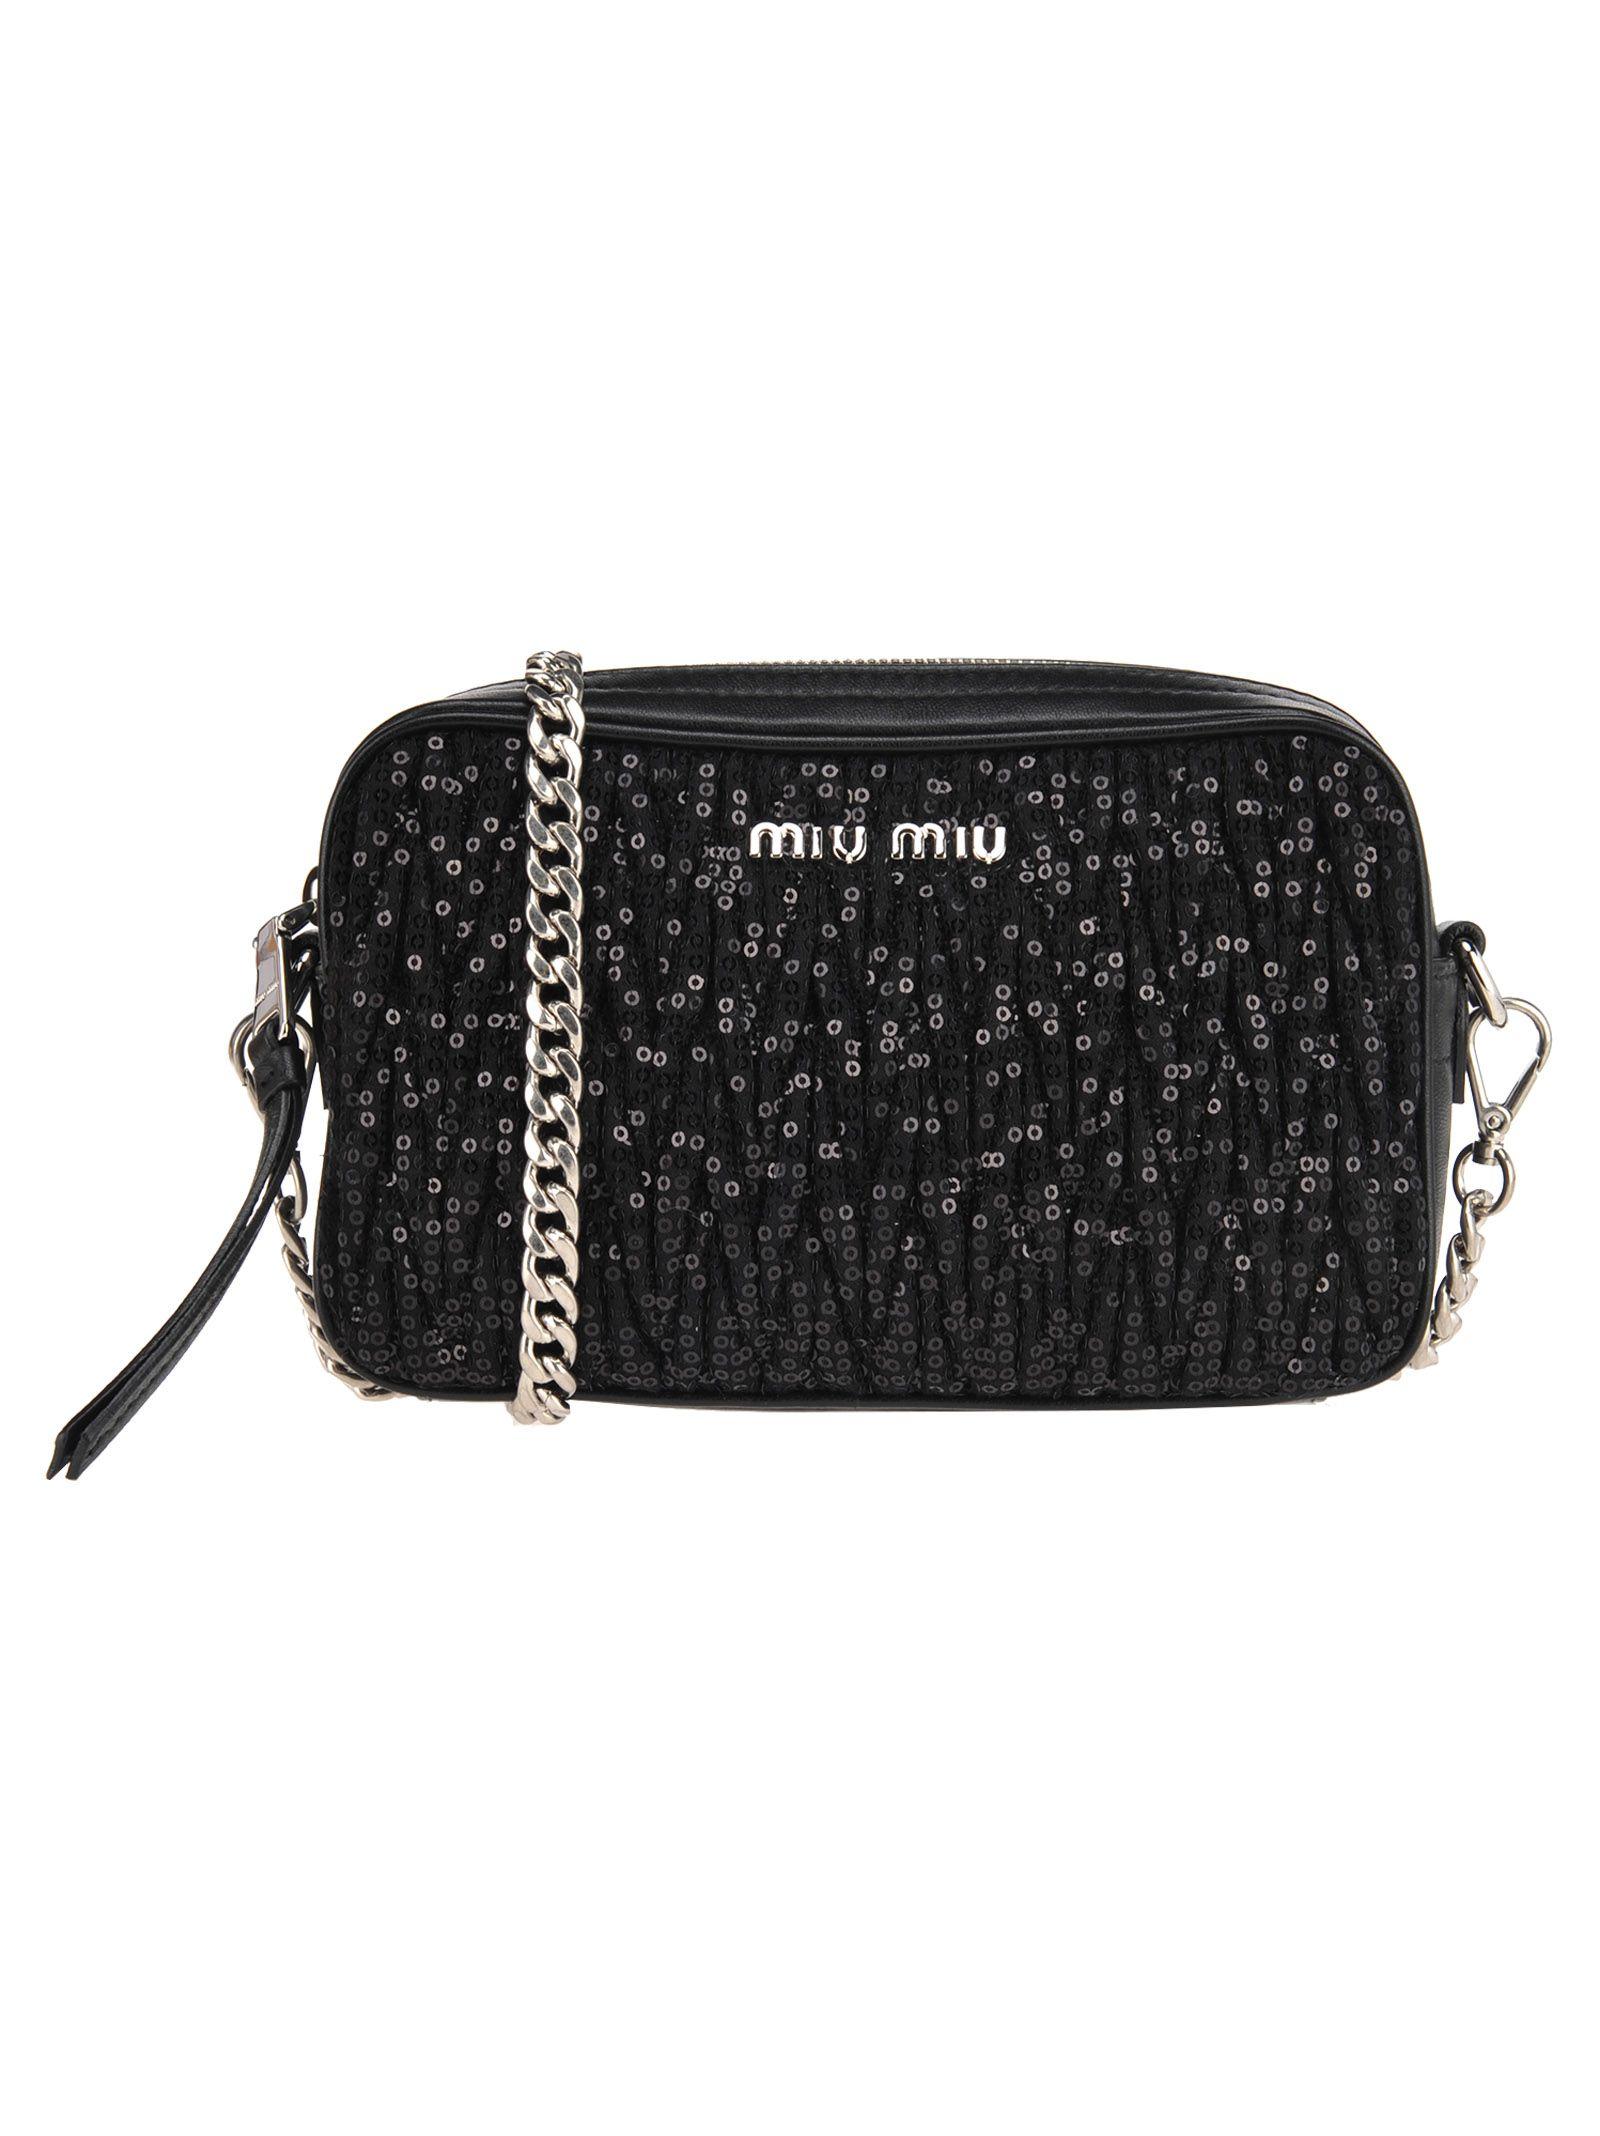 Miu Miu Camera Bag Pailettes Matellasse